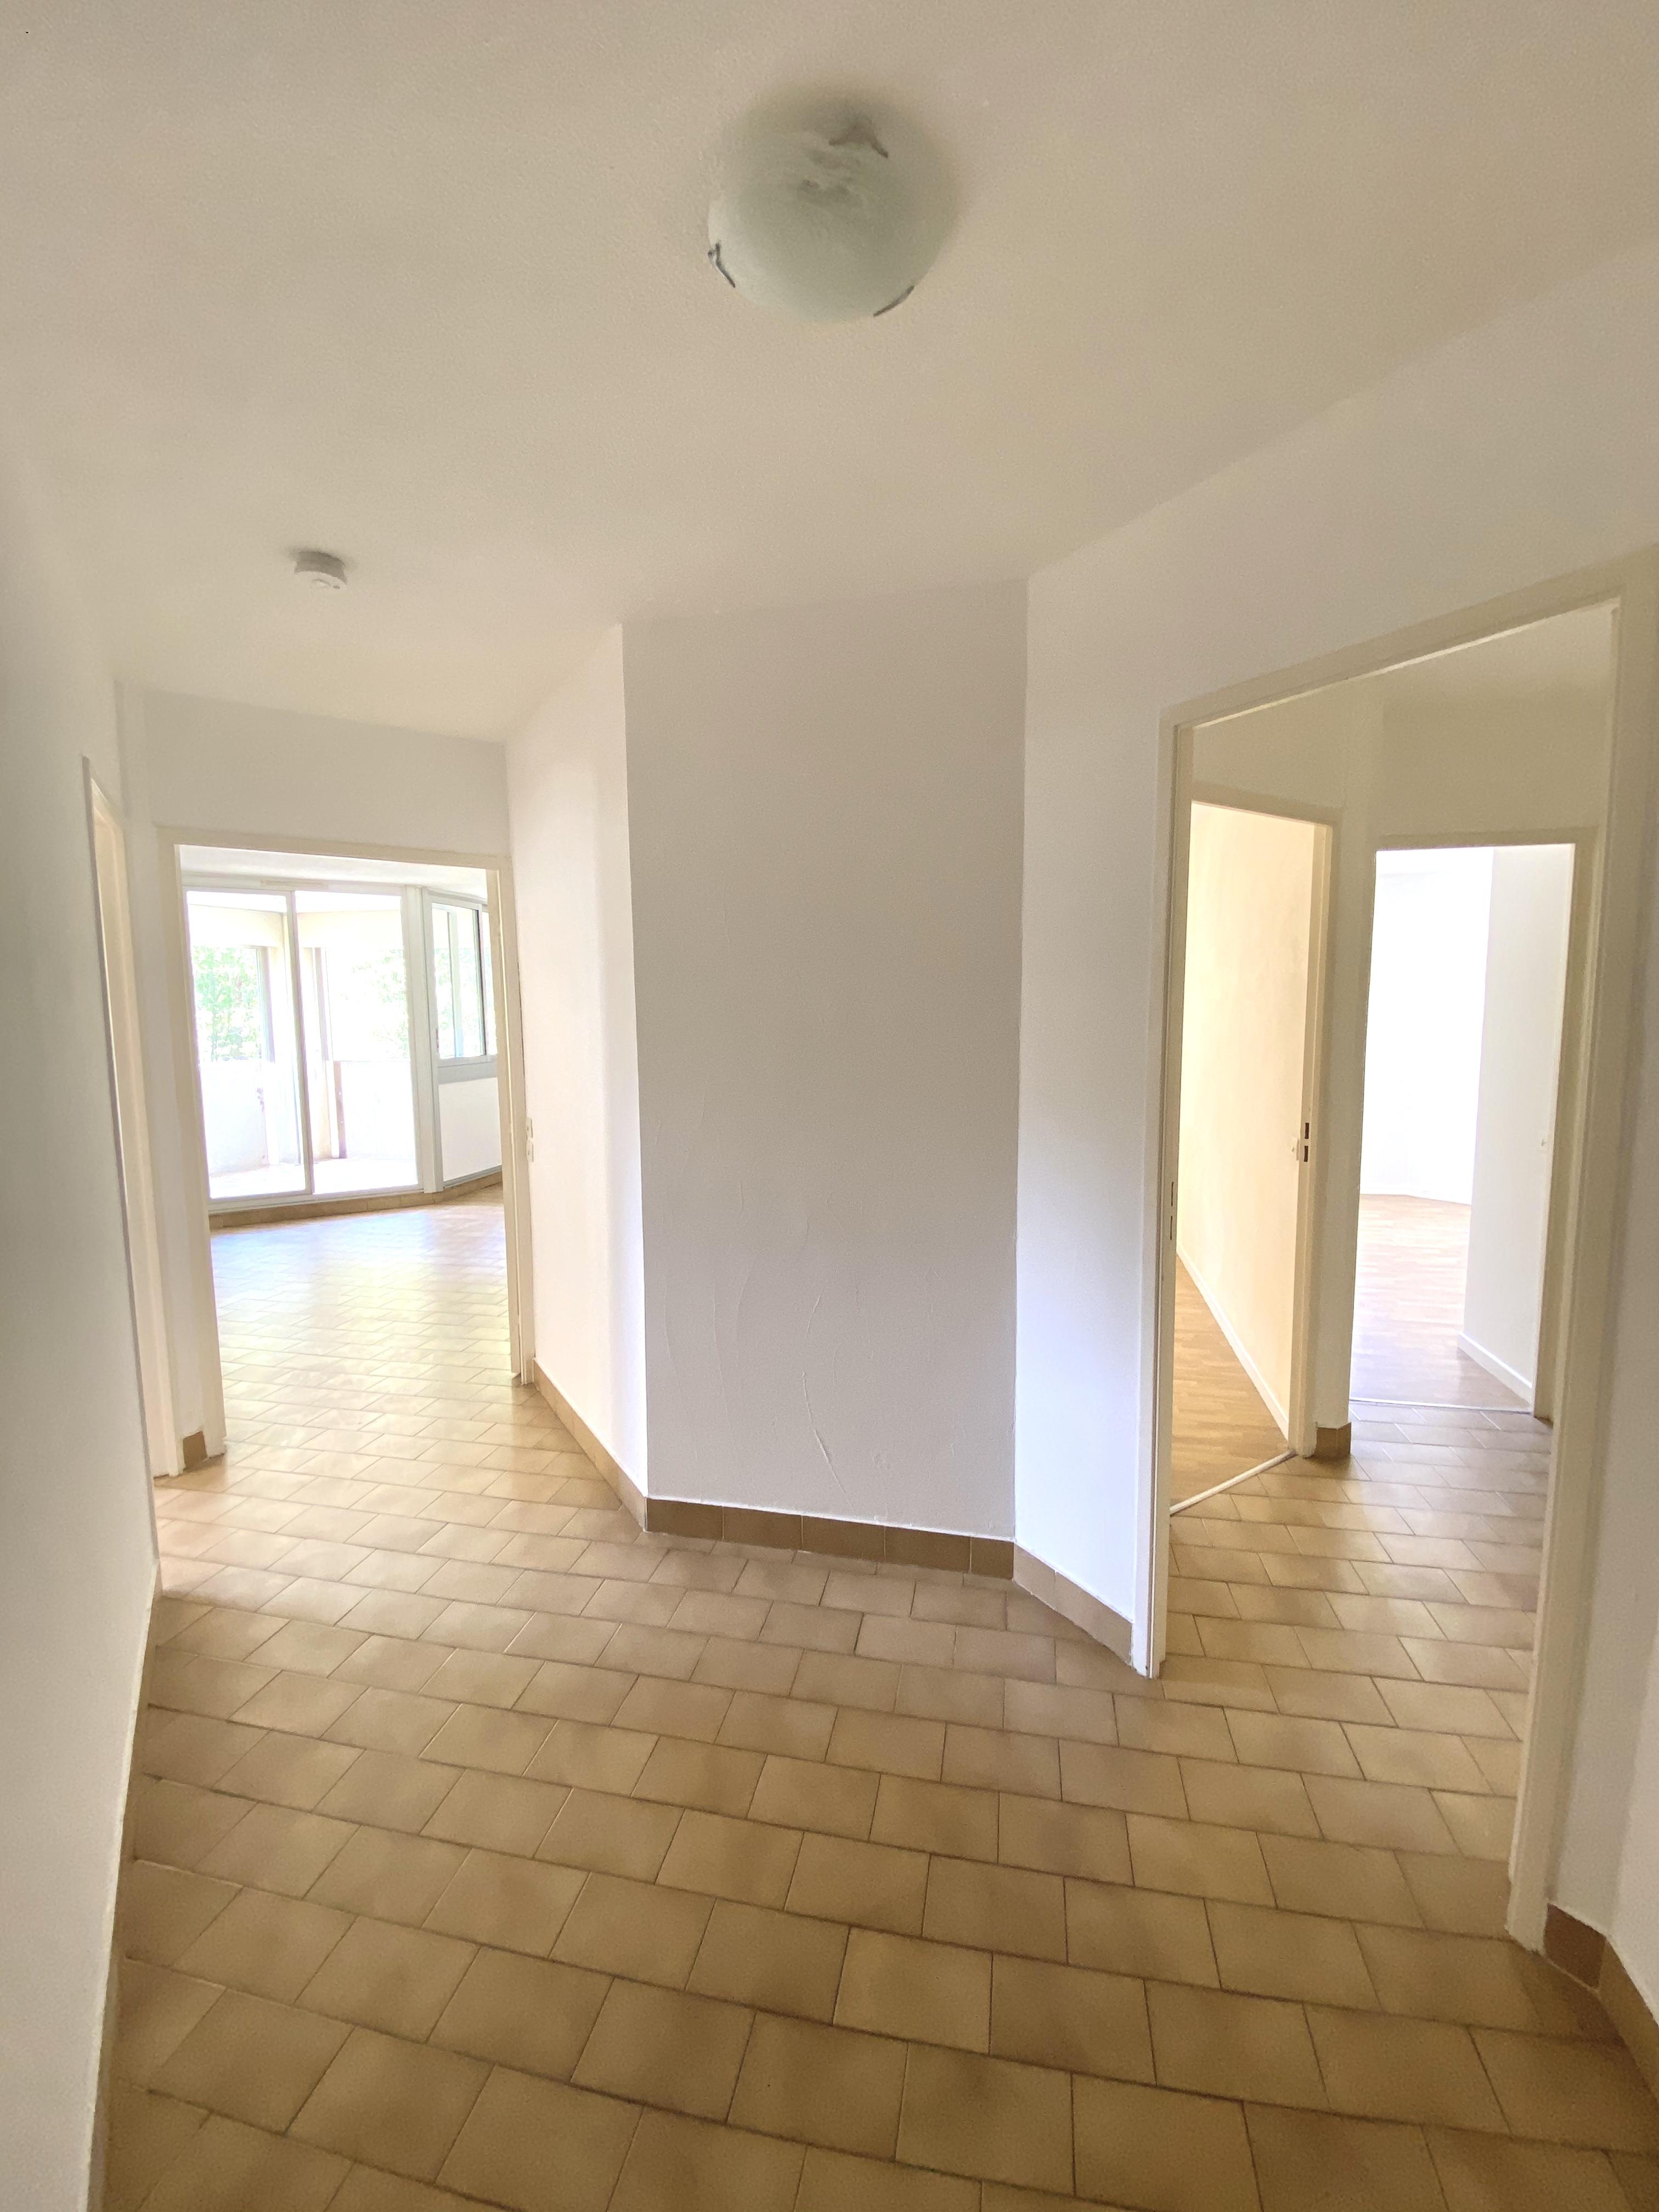 Location Appartement MONTPELLIER surface habitable de 62 m²